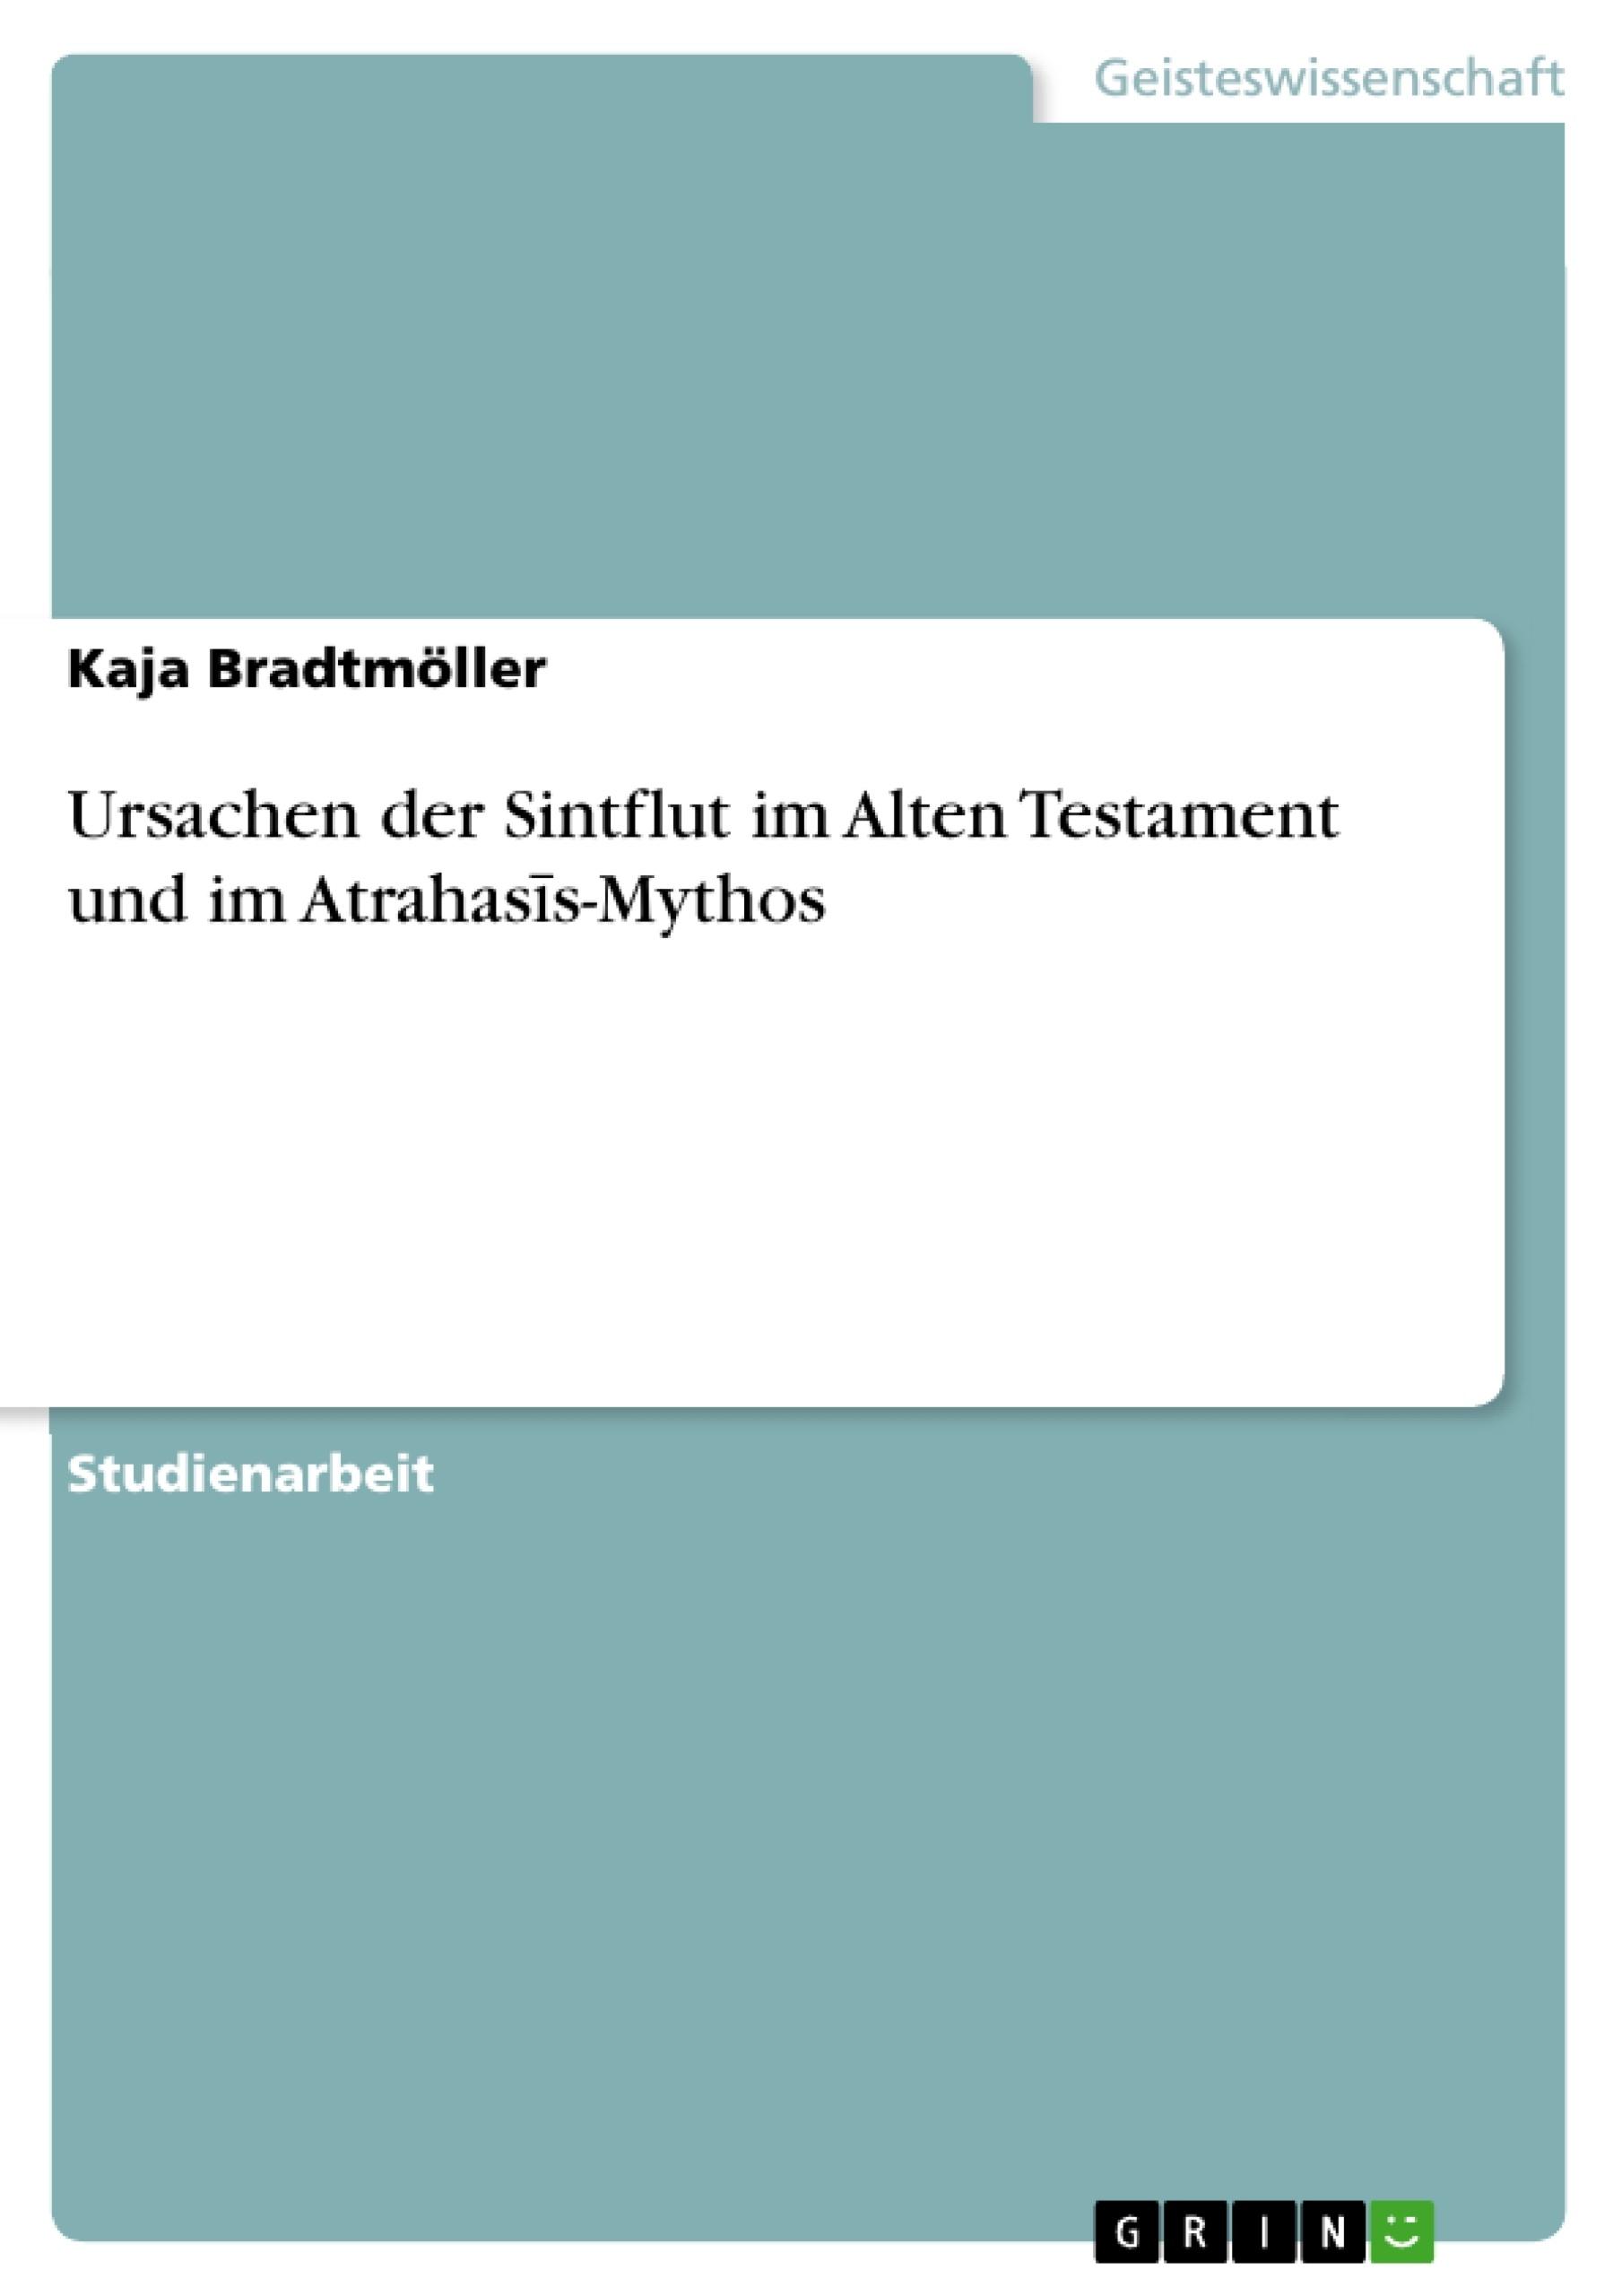 Titel: Ursachen der Sintflut im Alten Testament und im Atrahasīs-Mythos